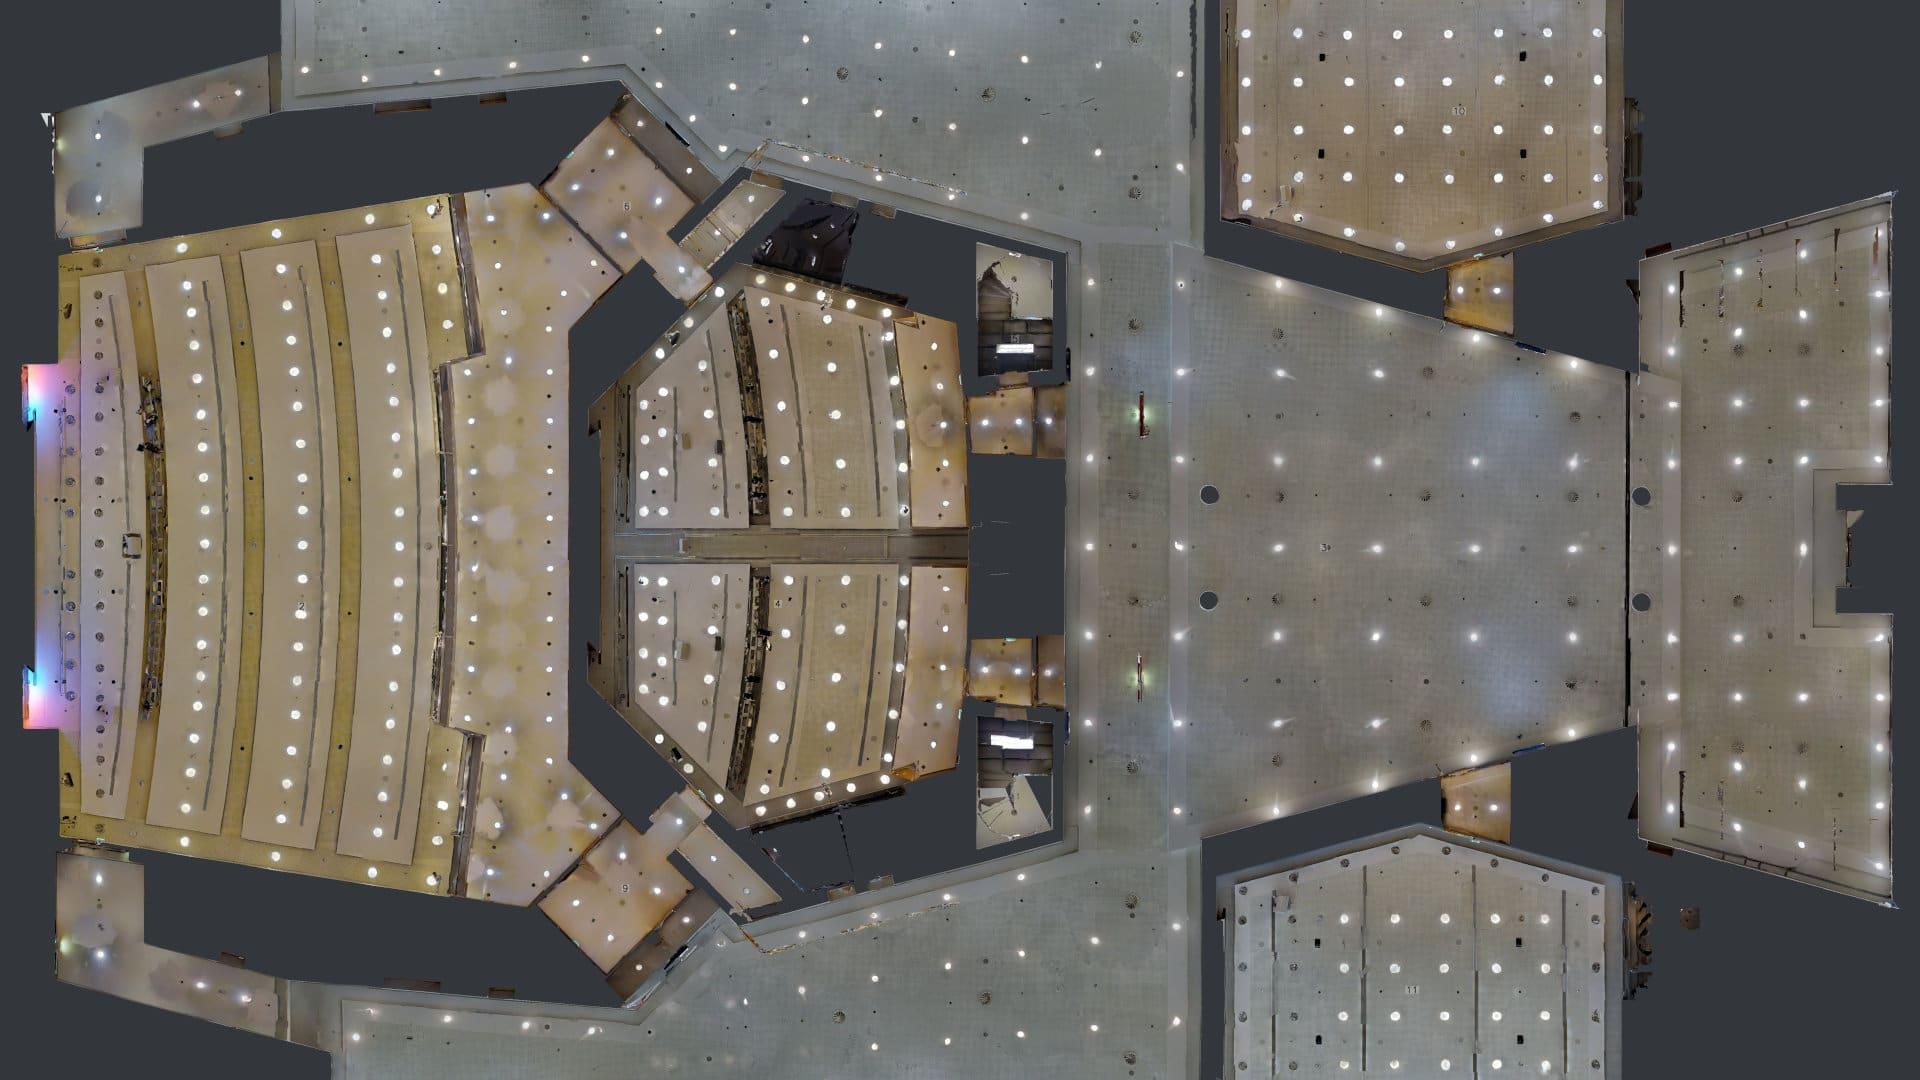 Bild des gespiegelten Deckenplans